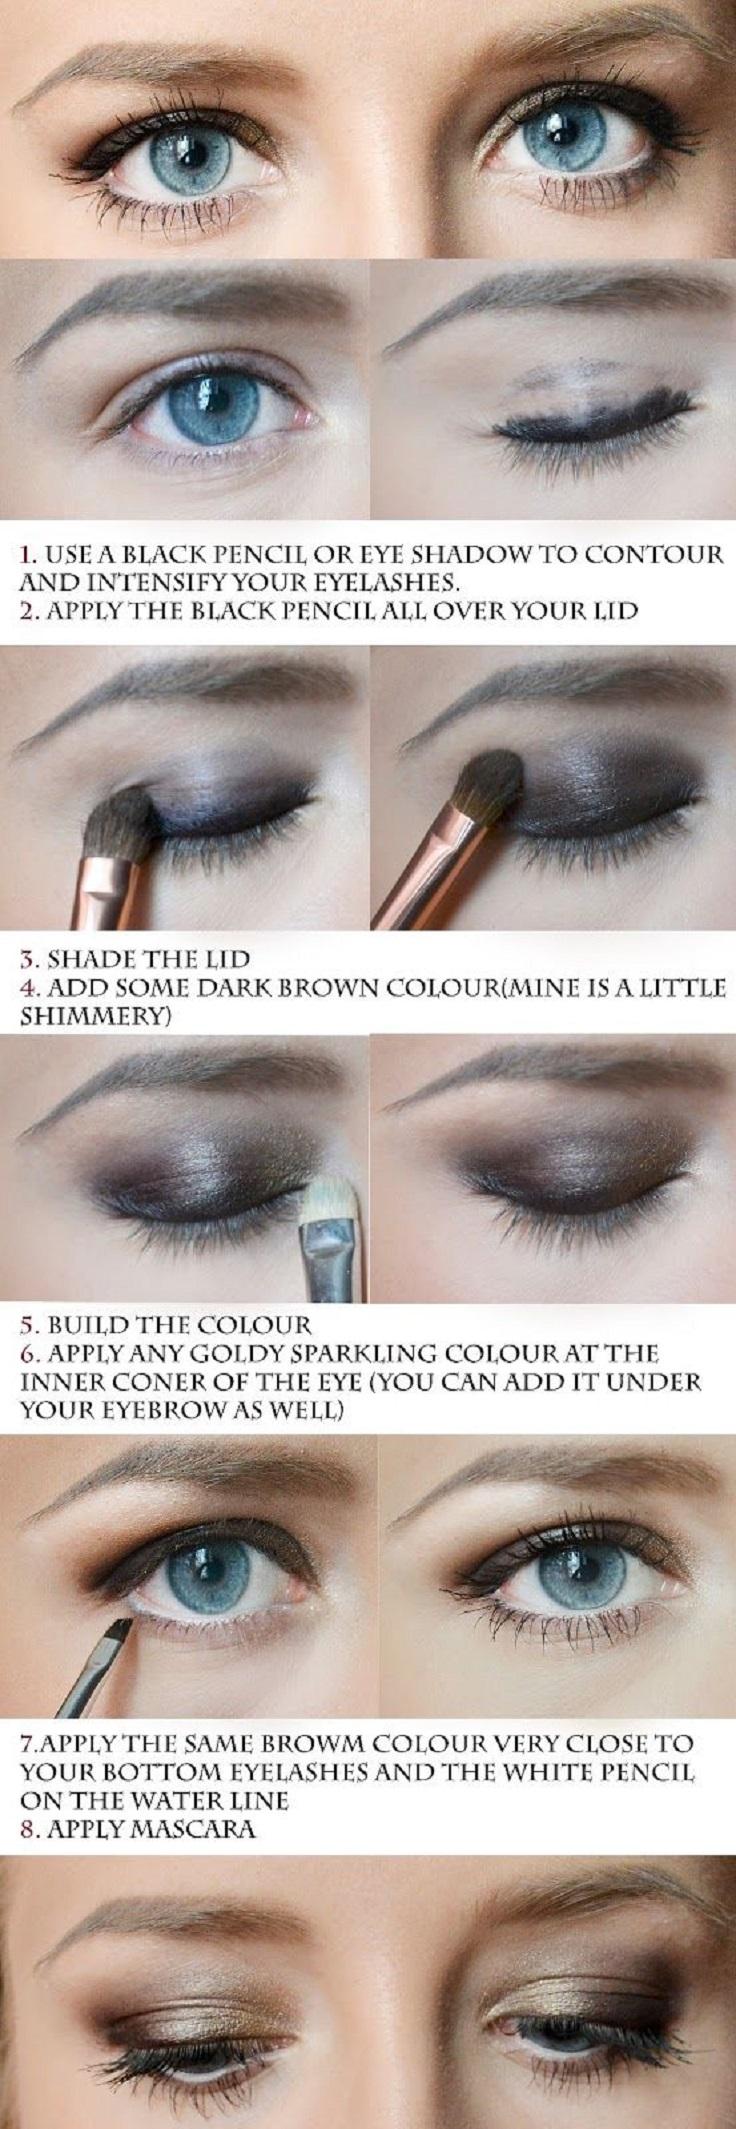 Glidded-Eyes-Makeup-Tutorial